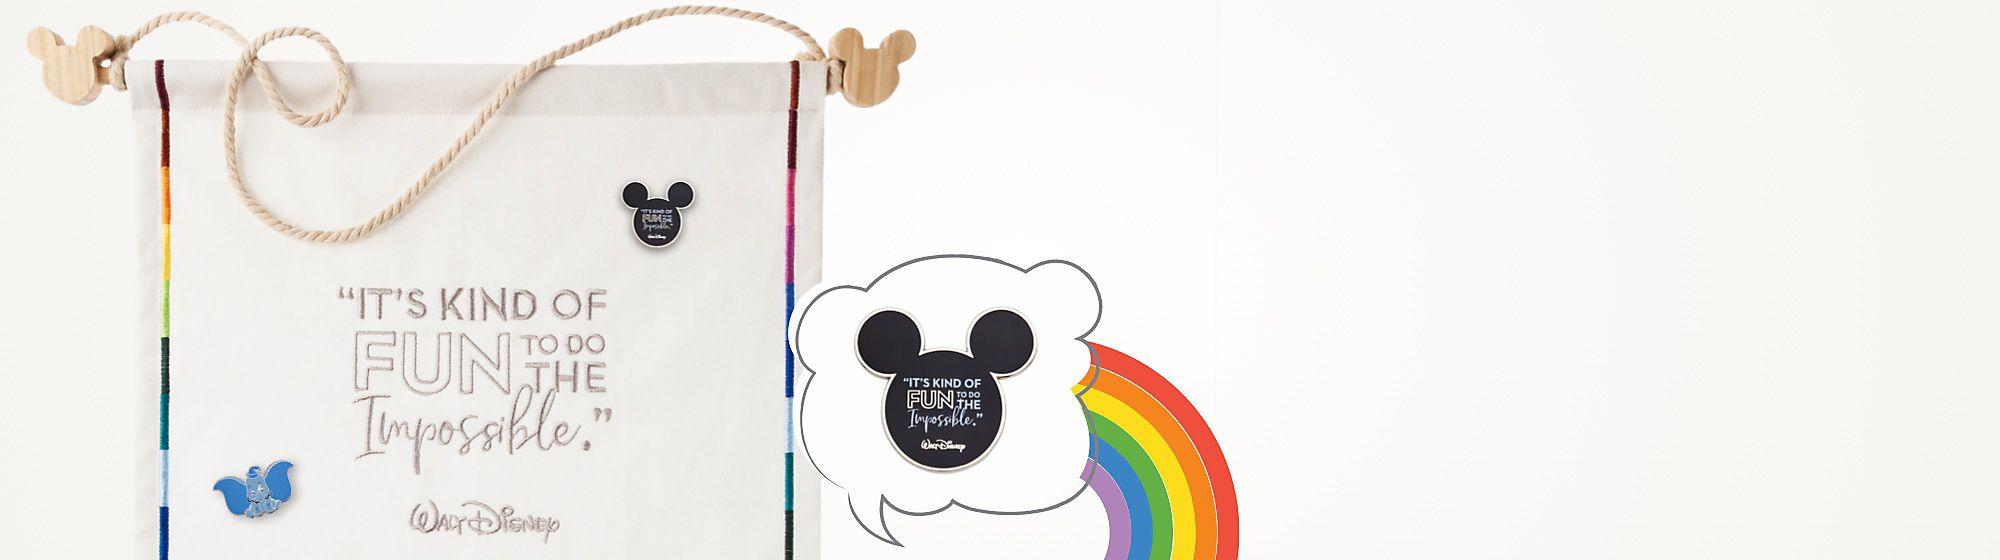 Présentez vos pin's collectionnés tout au long de l'année Bientôt Disponible, ce fanion en toile comporte une citation de Walt Disney et une frise arc-en-ciel